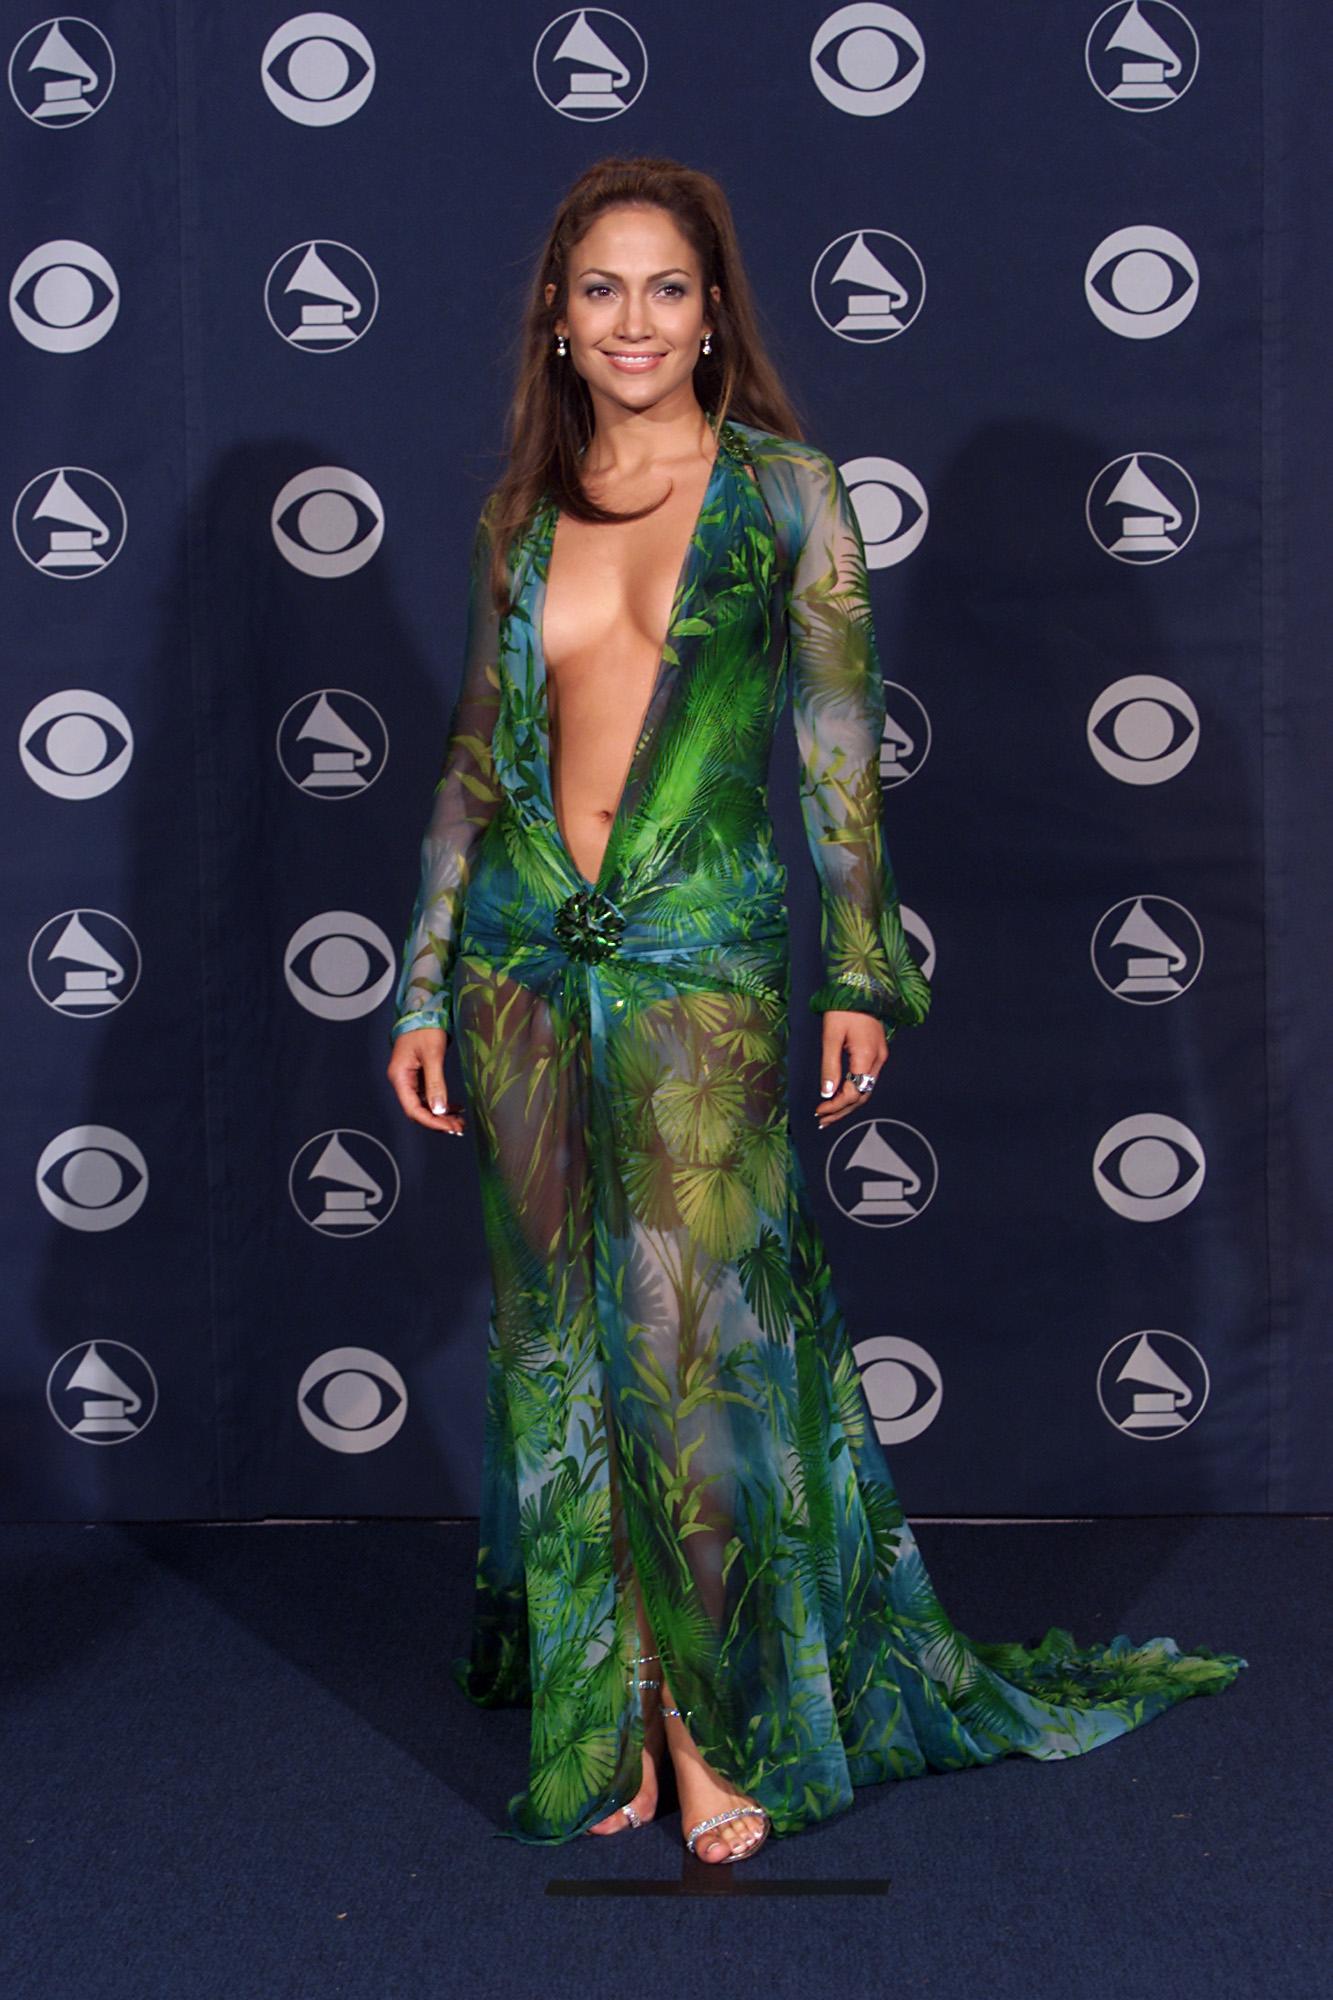 Дженифър Лопес (2000 г.) всички искаха да видят пак и пак роклята на Джей Ло. И до днес тя си остава емблематична визия на червения килим.